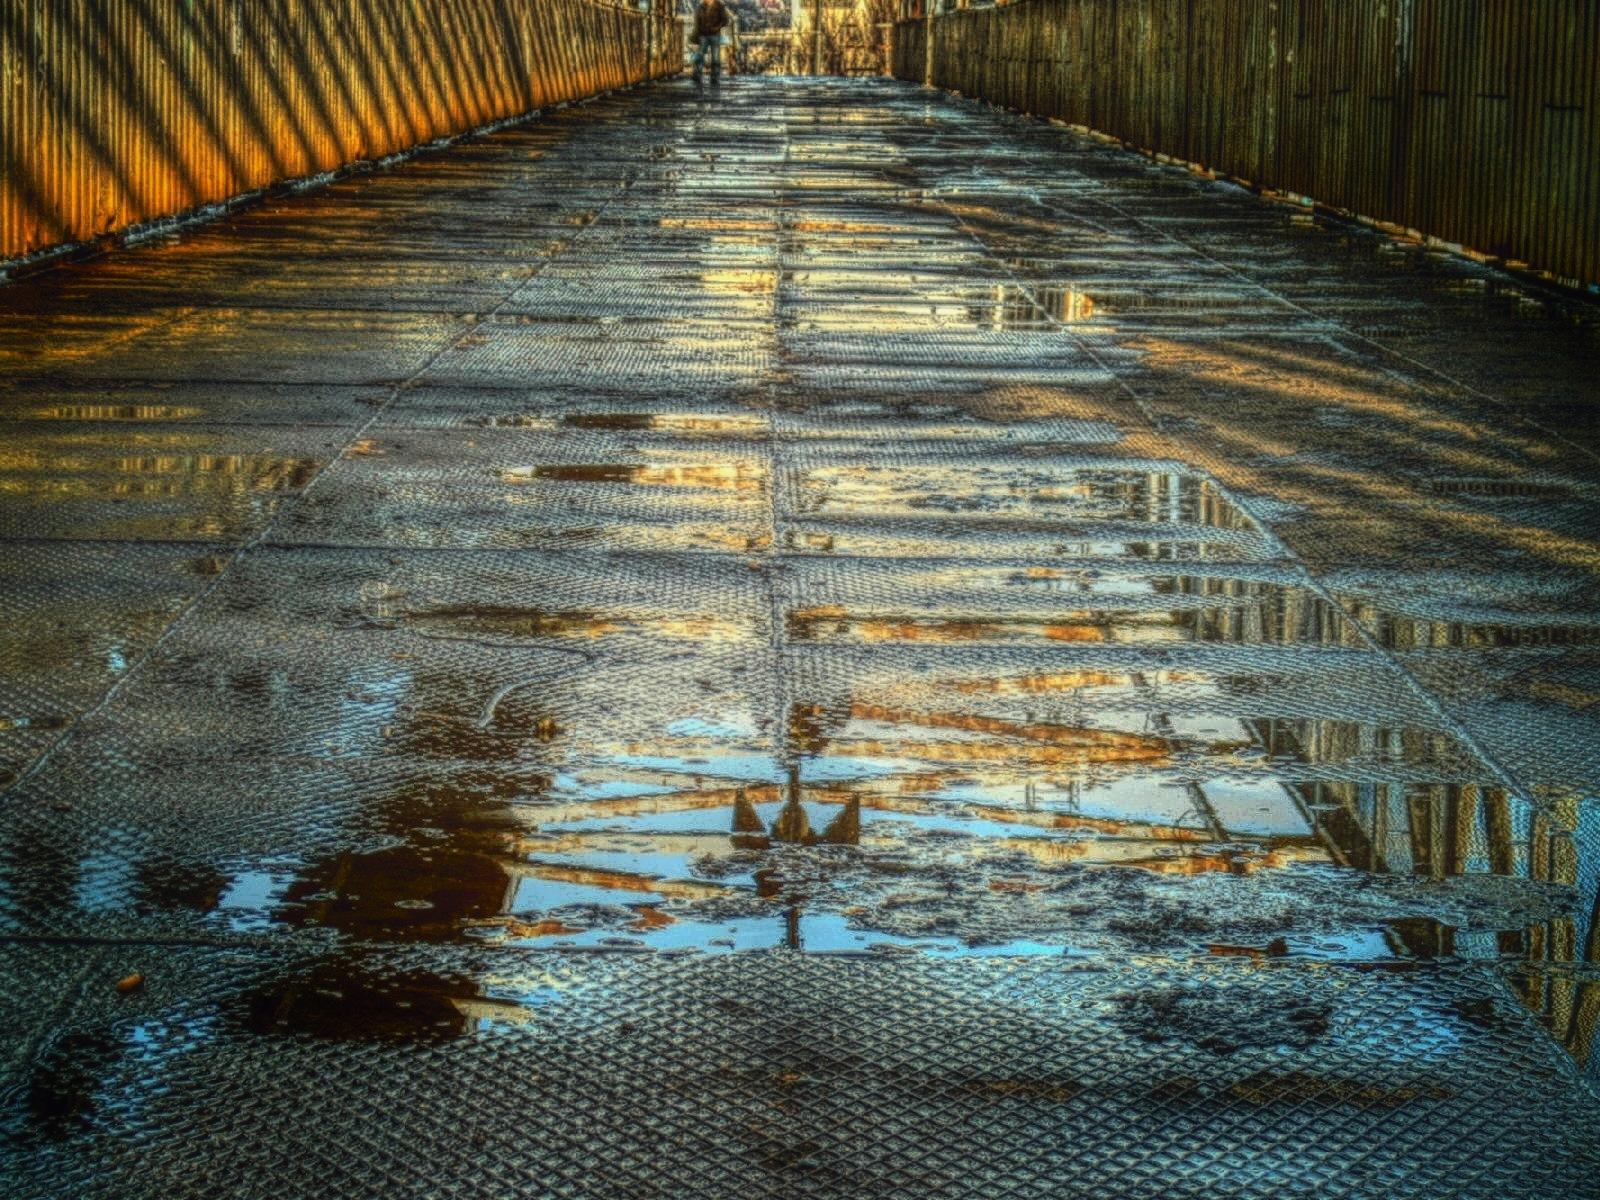 footbridge by Grzegorz Skwarliński